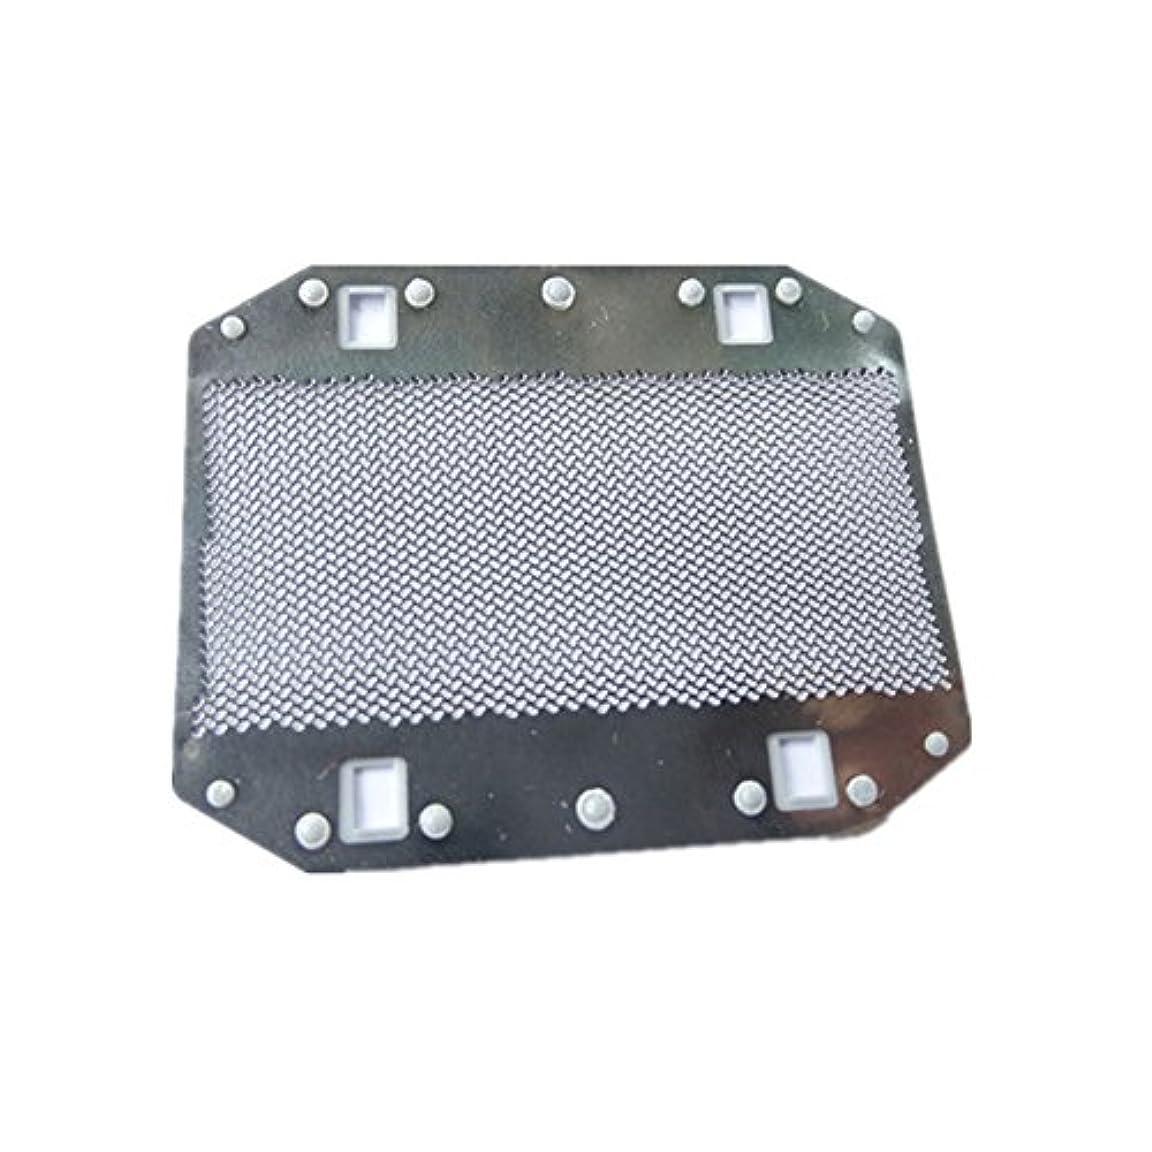 機械的性交無視するHZjundasi シェーバー剃刀 Outer ホイル for Panasonic ES3050/376/317/RC40/RP20 ES9943C